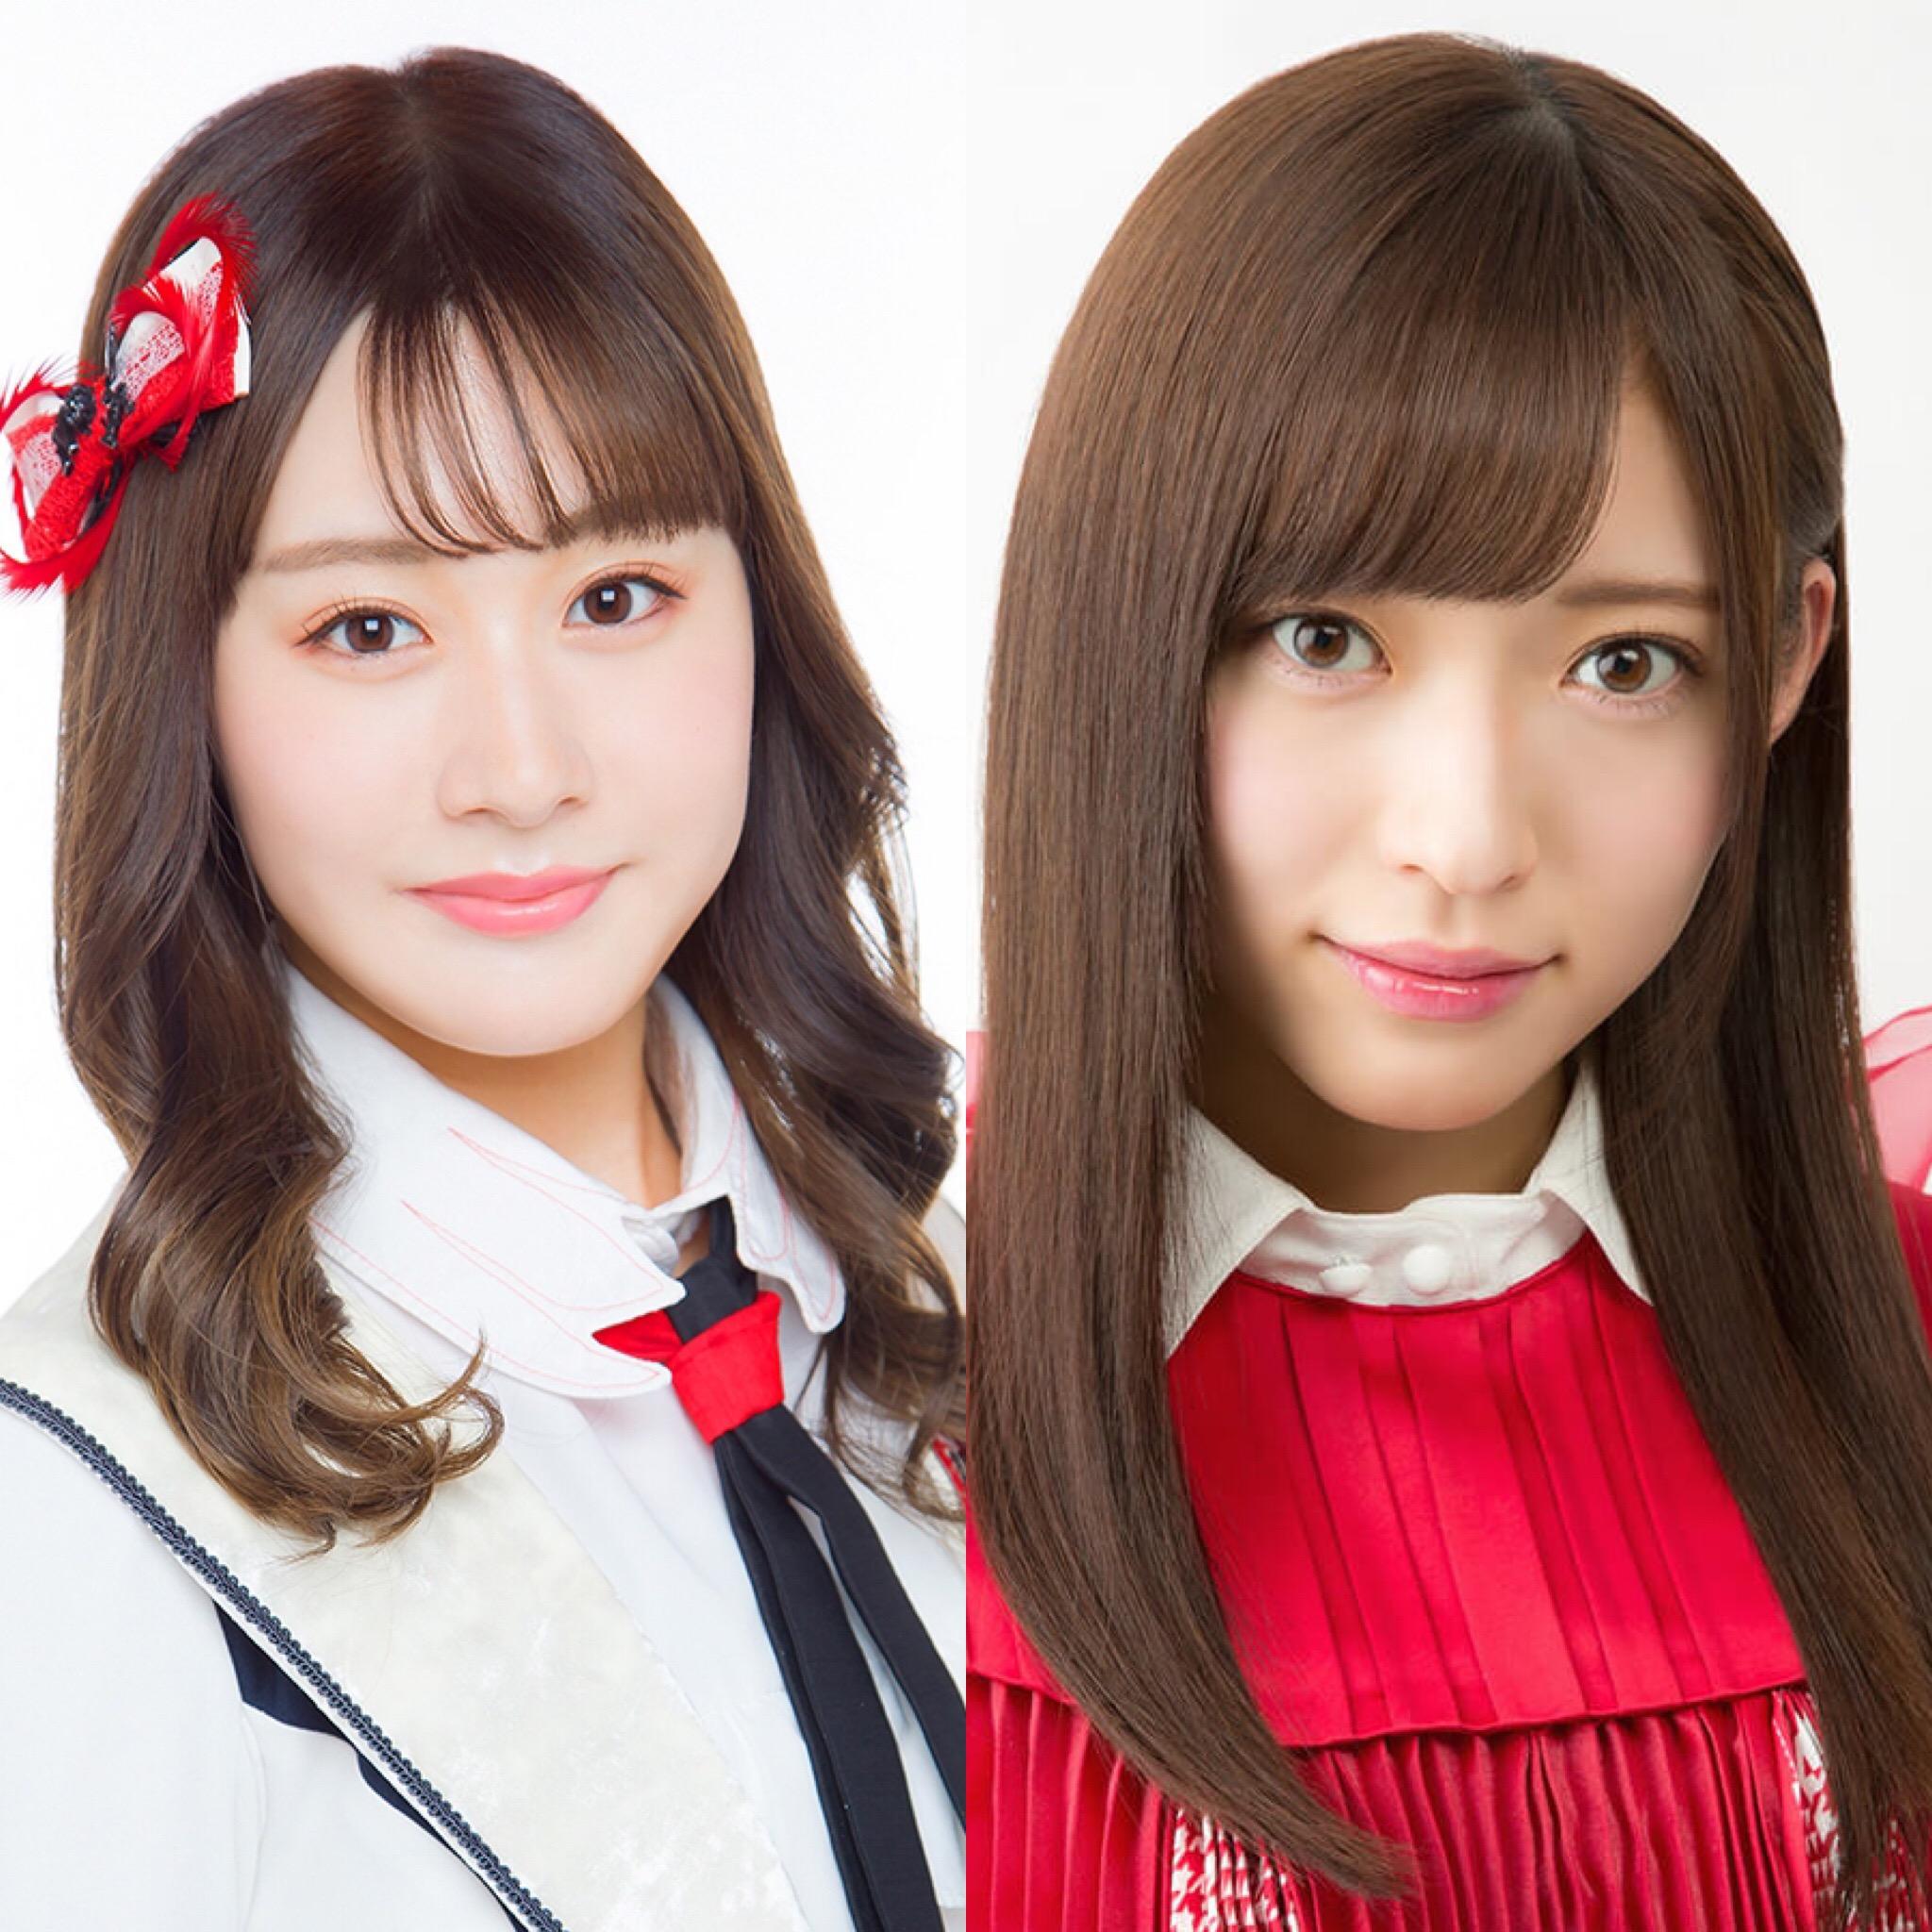 NGT48's captain Minami Kato shades Maho Yamaguchi on Instagram